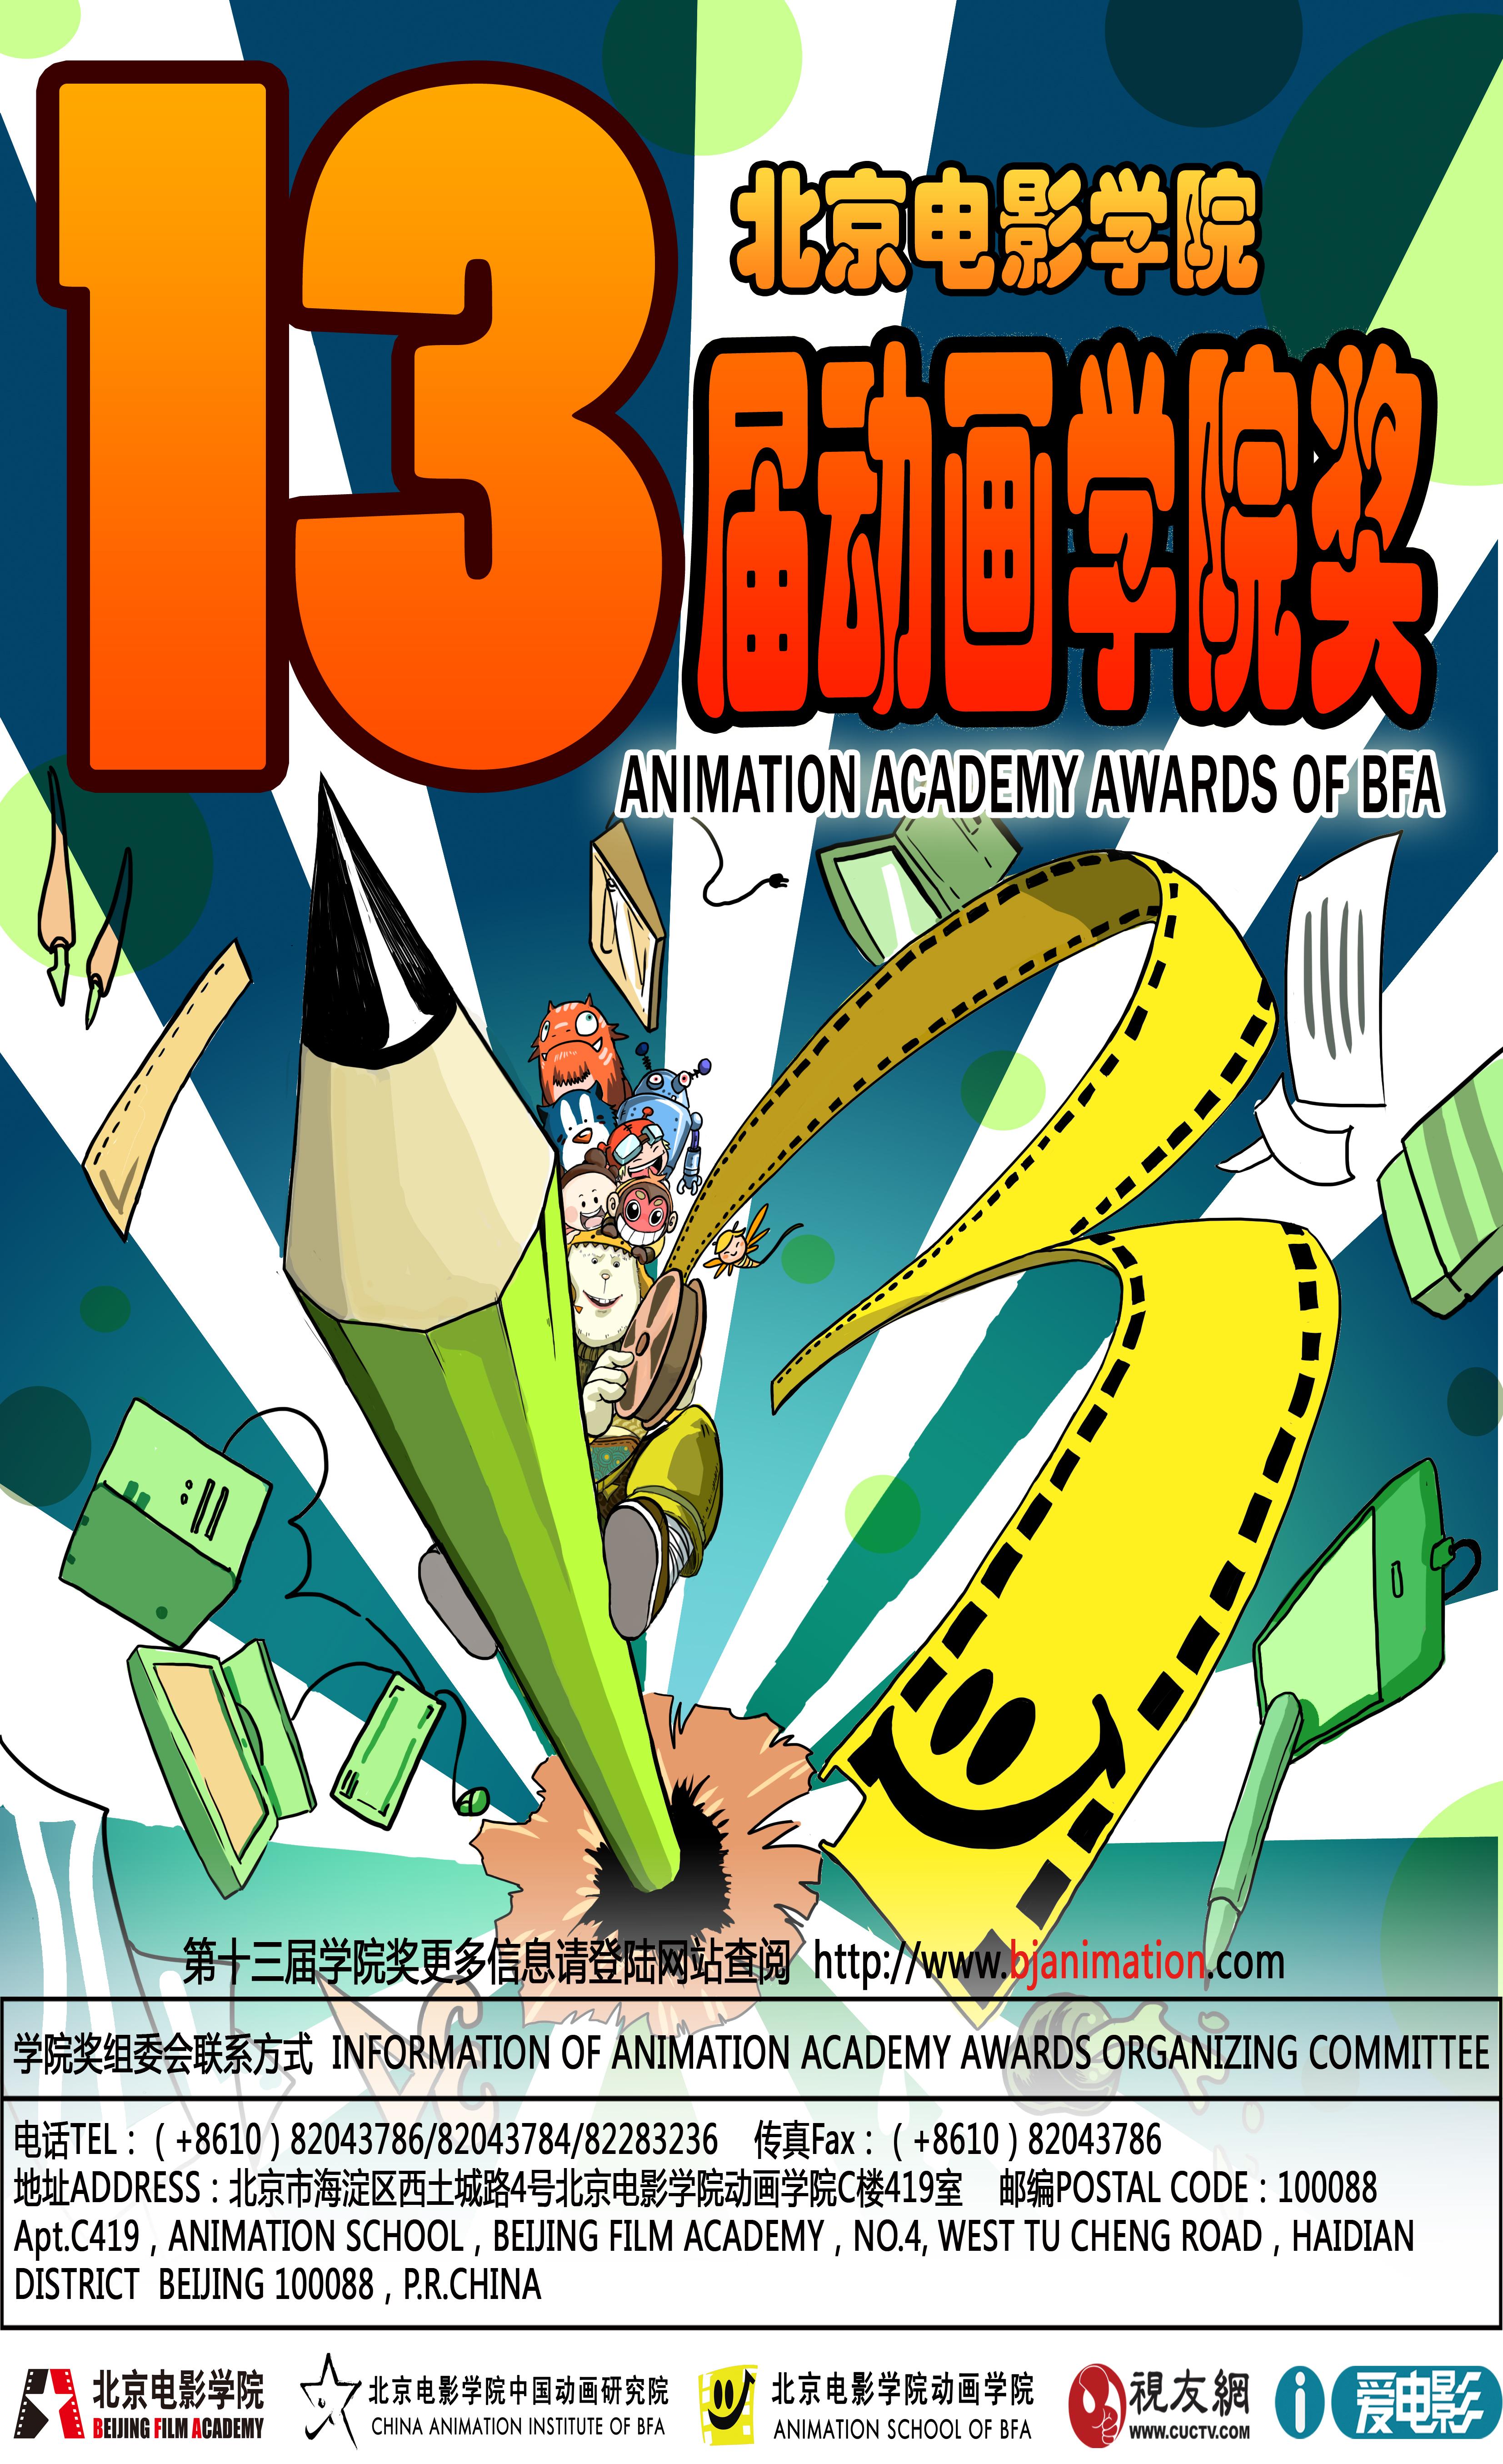 北京电影学院动画学院奖与漫画节宣传海报图片